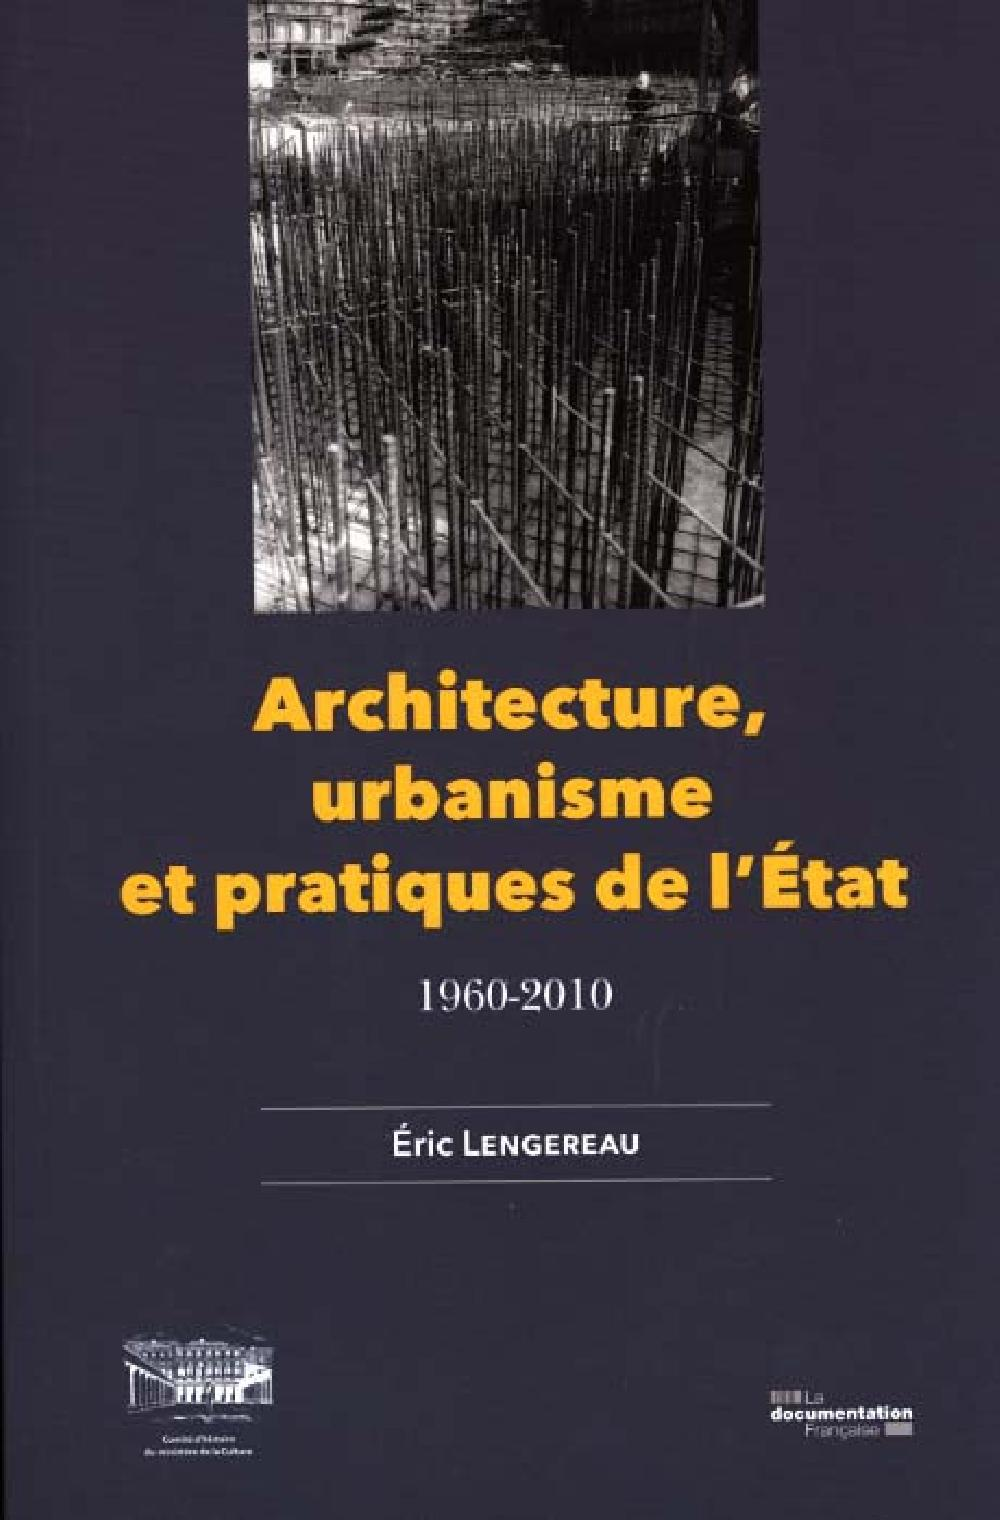 ARCHITECTURE, URBANISME ET PRATIQUES DE L'ETAT